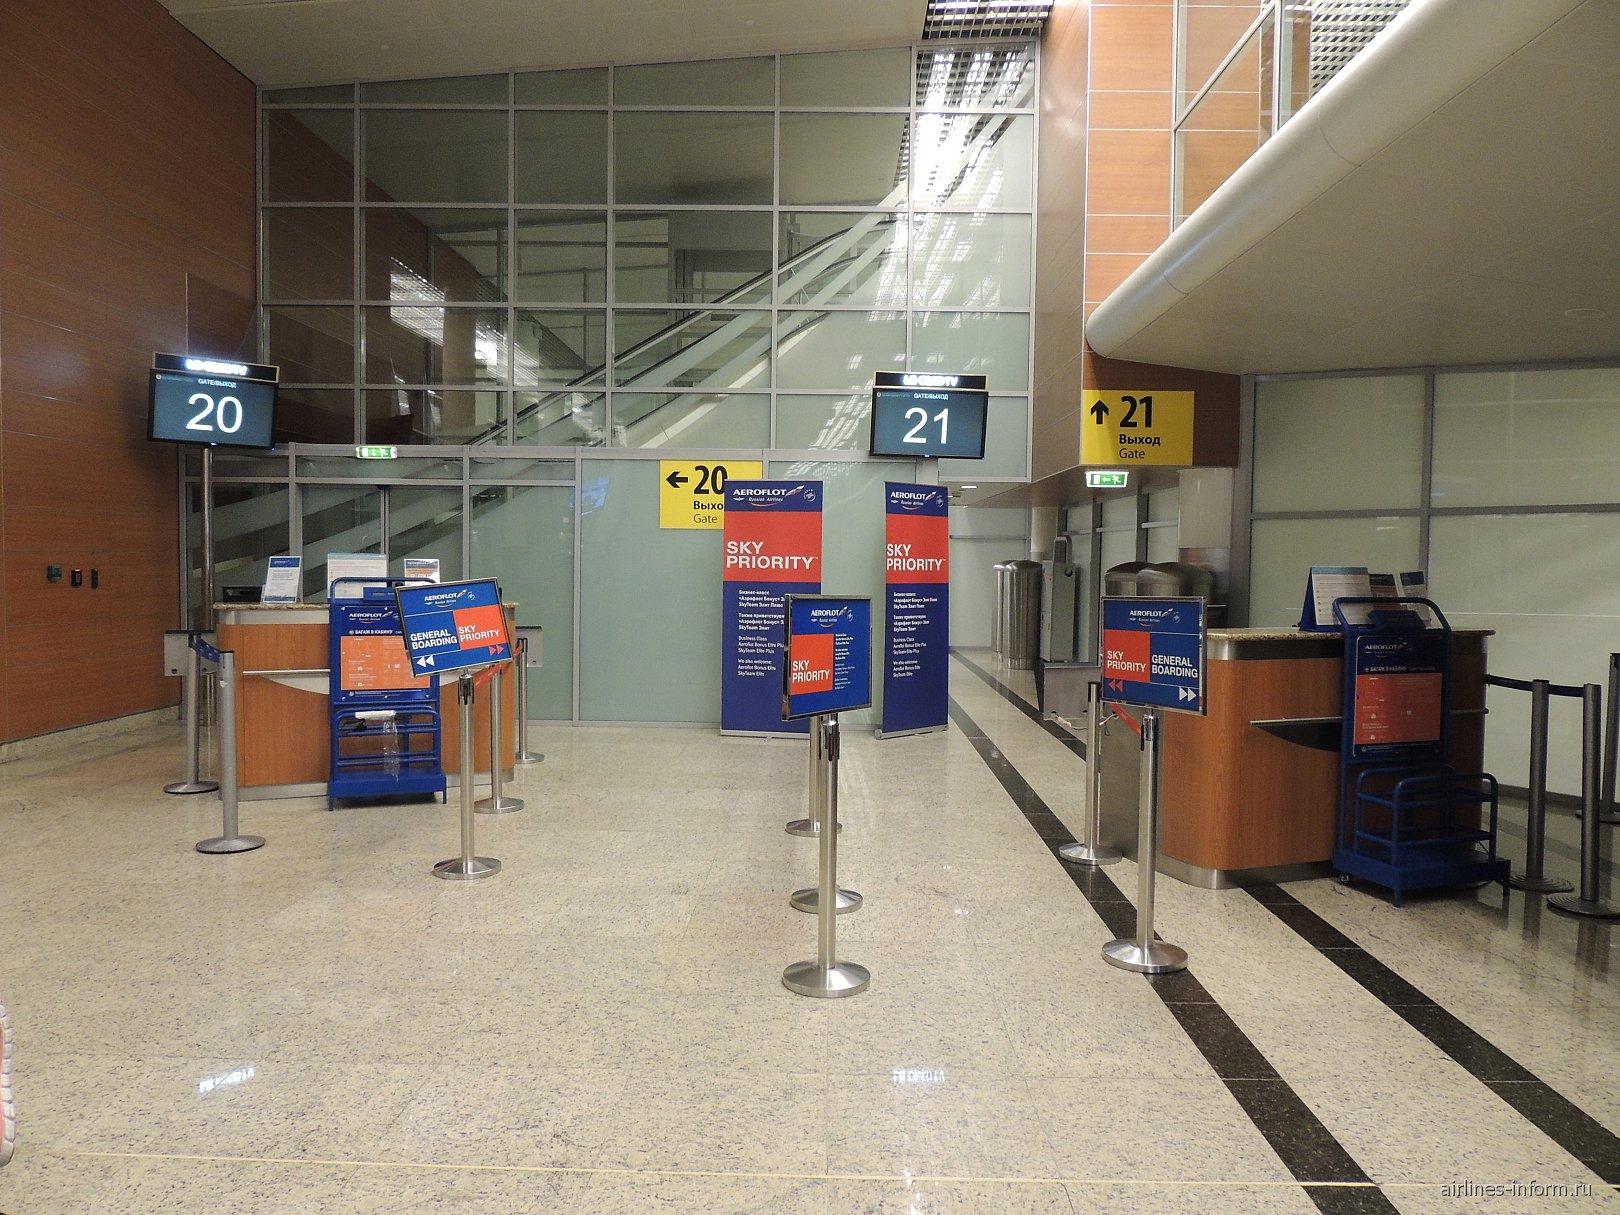 Выход на посадку на рейс Аэрофлота в терминале D аэропорта Шереметьево